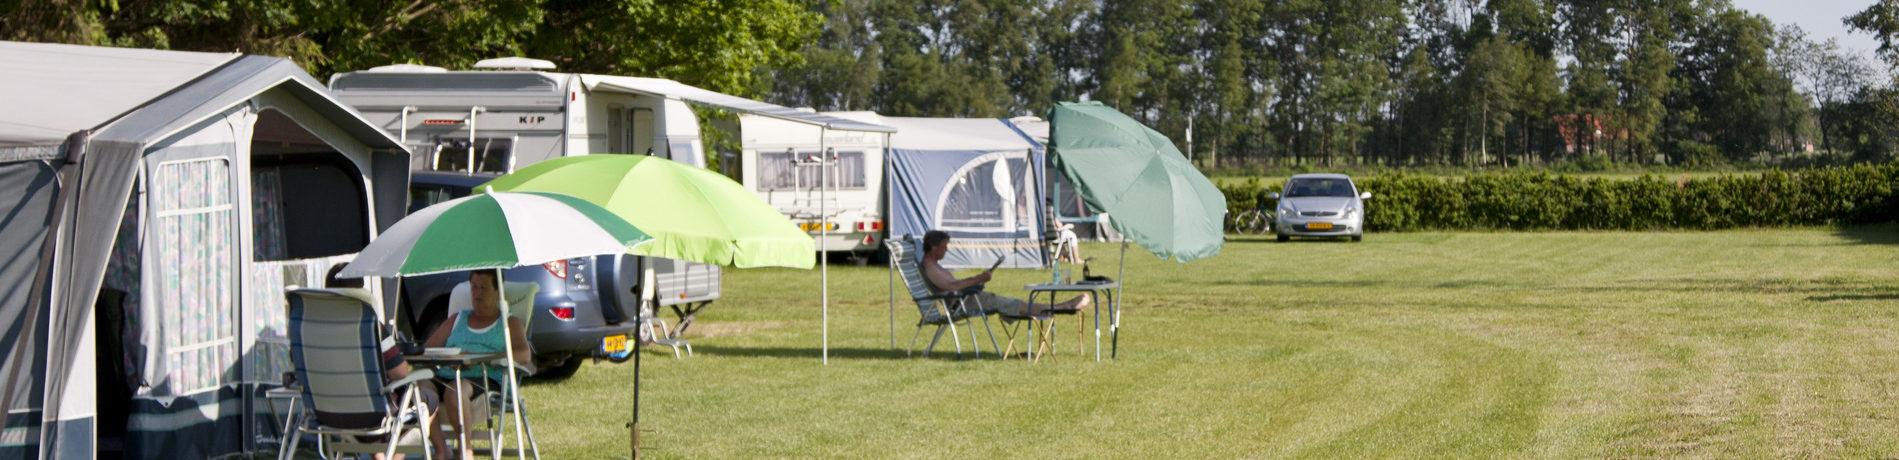 Charme camping in de boomgaard gelegen op het platteland van Gelderland.